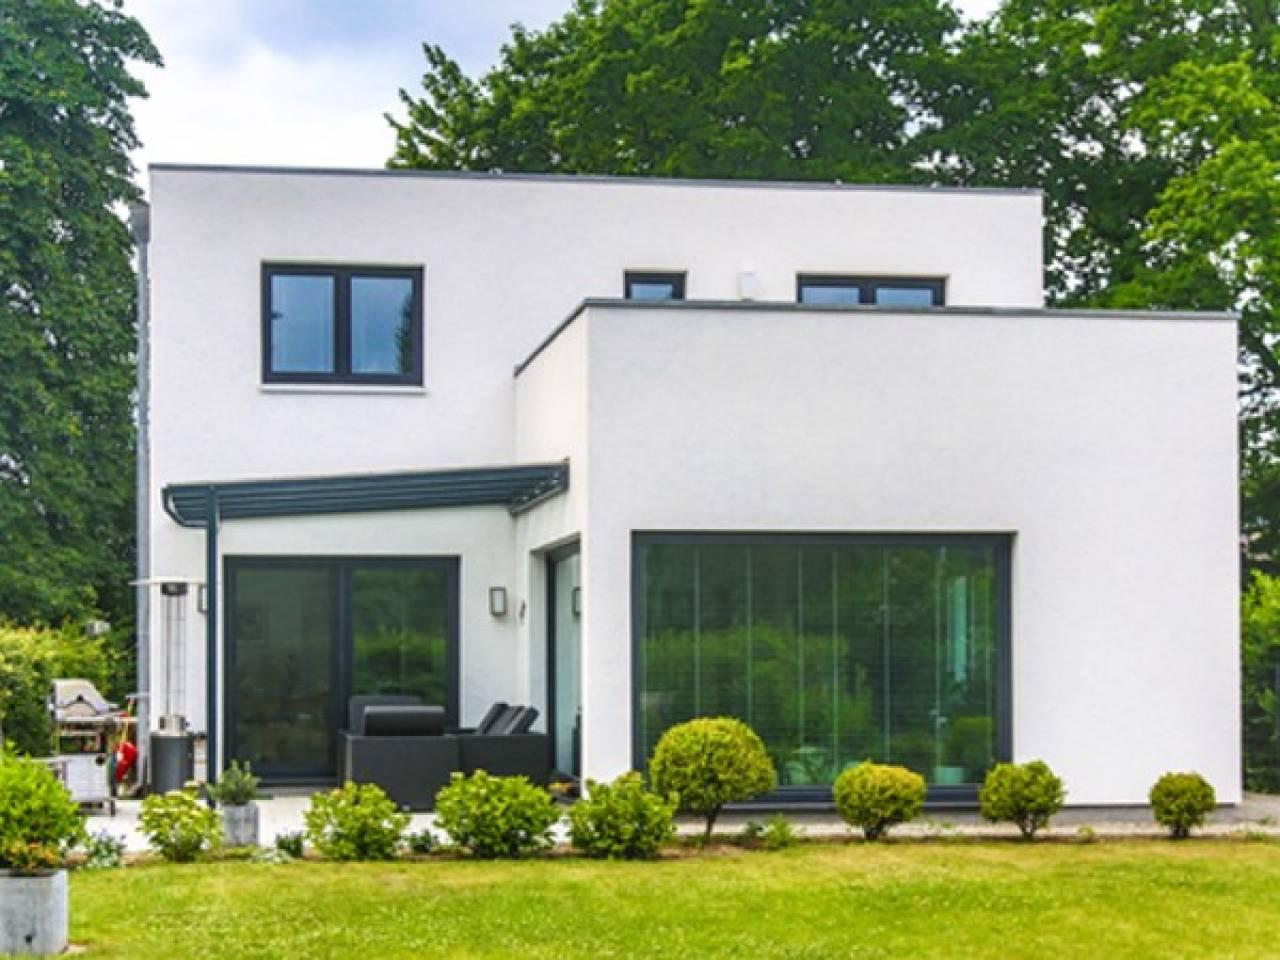 mobel bauhausstil die neuesten innenarchitekturideen ForMobel Bauhausstil